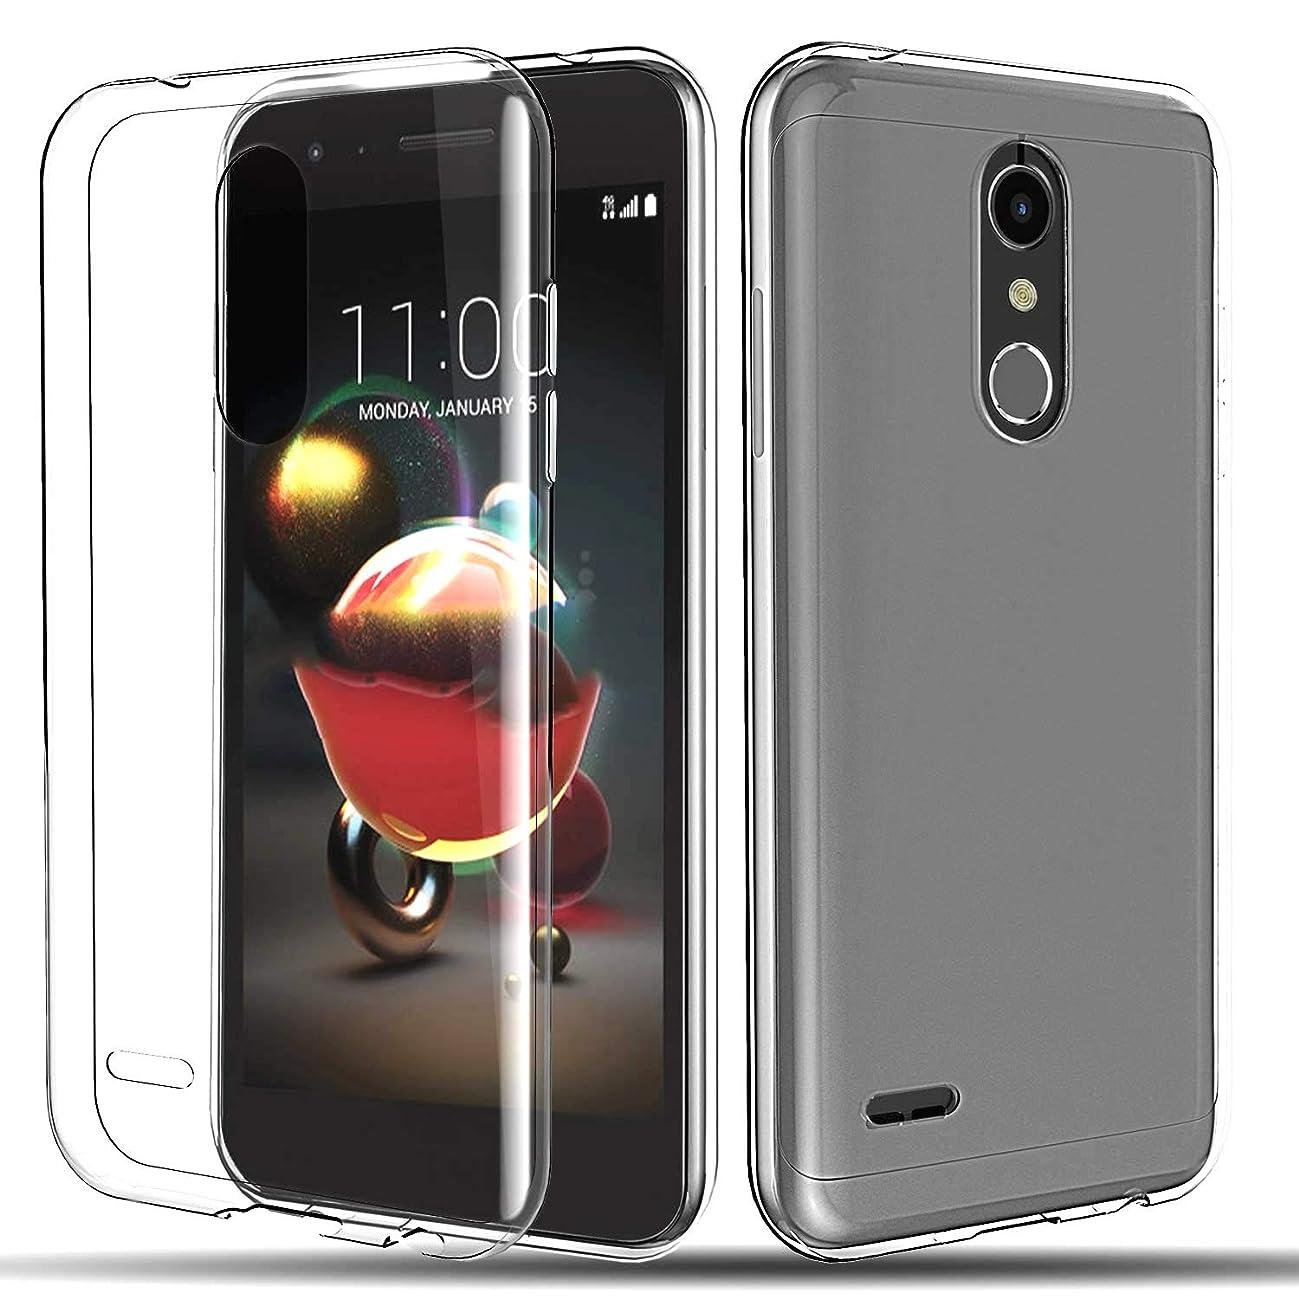 LG Aristo 3 Clear Soft TPU Case,LG Aristo 2 Case/LG Aristo 2 Plus/Rebel 4 LTE/Tribute Empire/Zone 4/Phoenix 4/Risio 3/K8 2018/ K8 Plus/Fortune 2 Silicon TPU Case w/HD Screen Protector,Clear